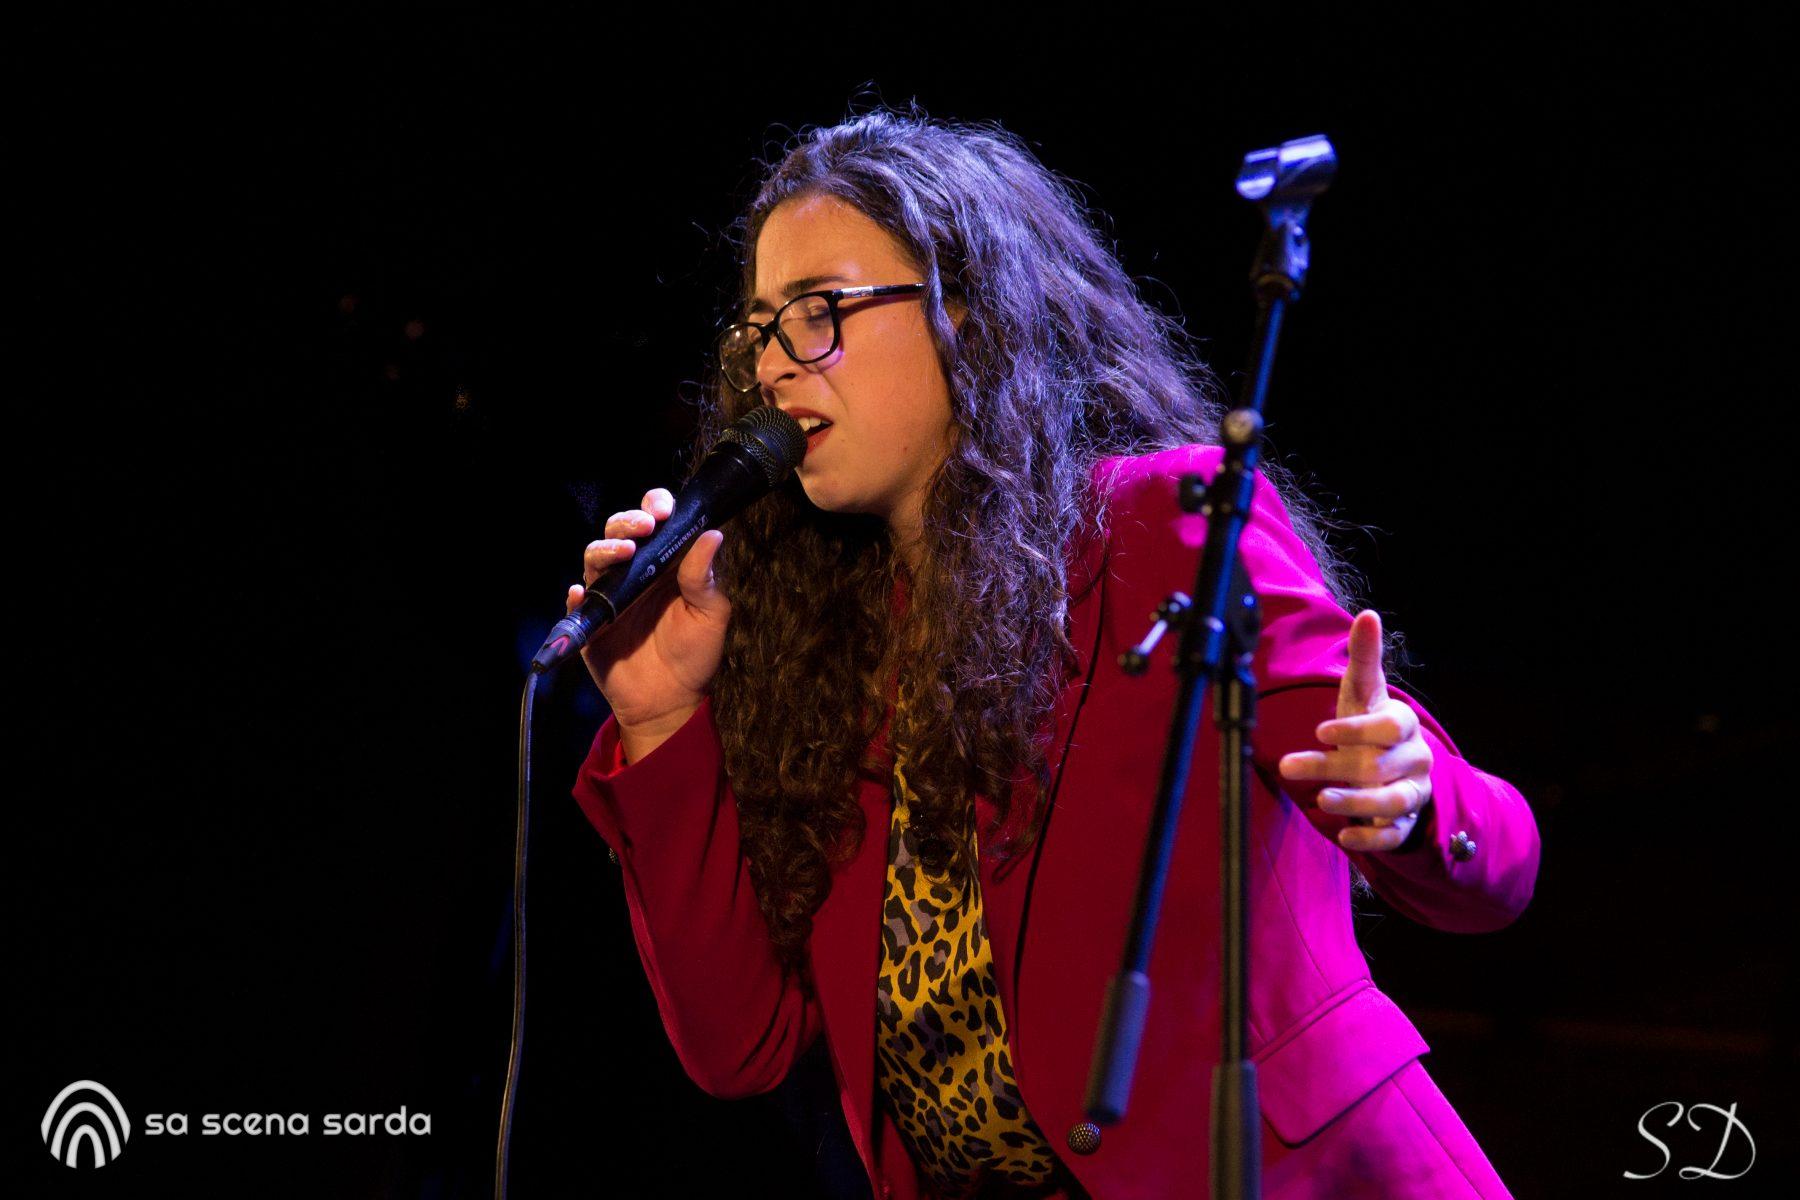 Forma e Poesia nel Jazz - Carla Giulia Striano Trio - Stefania Desotgiu - Auditorium Conservatorio - festival - fotoreport - XXIII edizione - 2020 - Sa Scena Sarda - 25 Settembre 2020